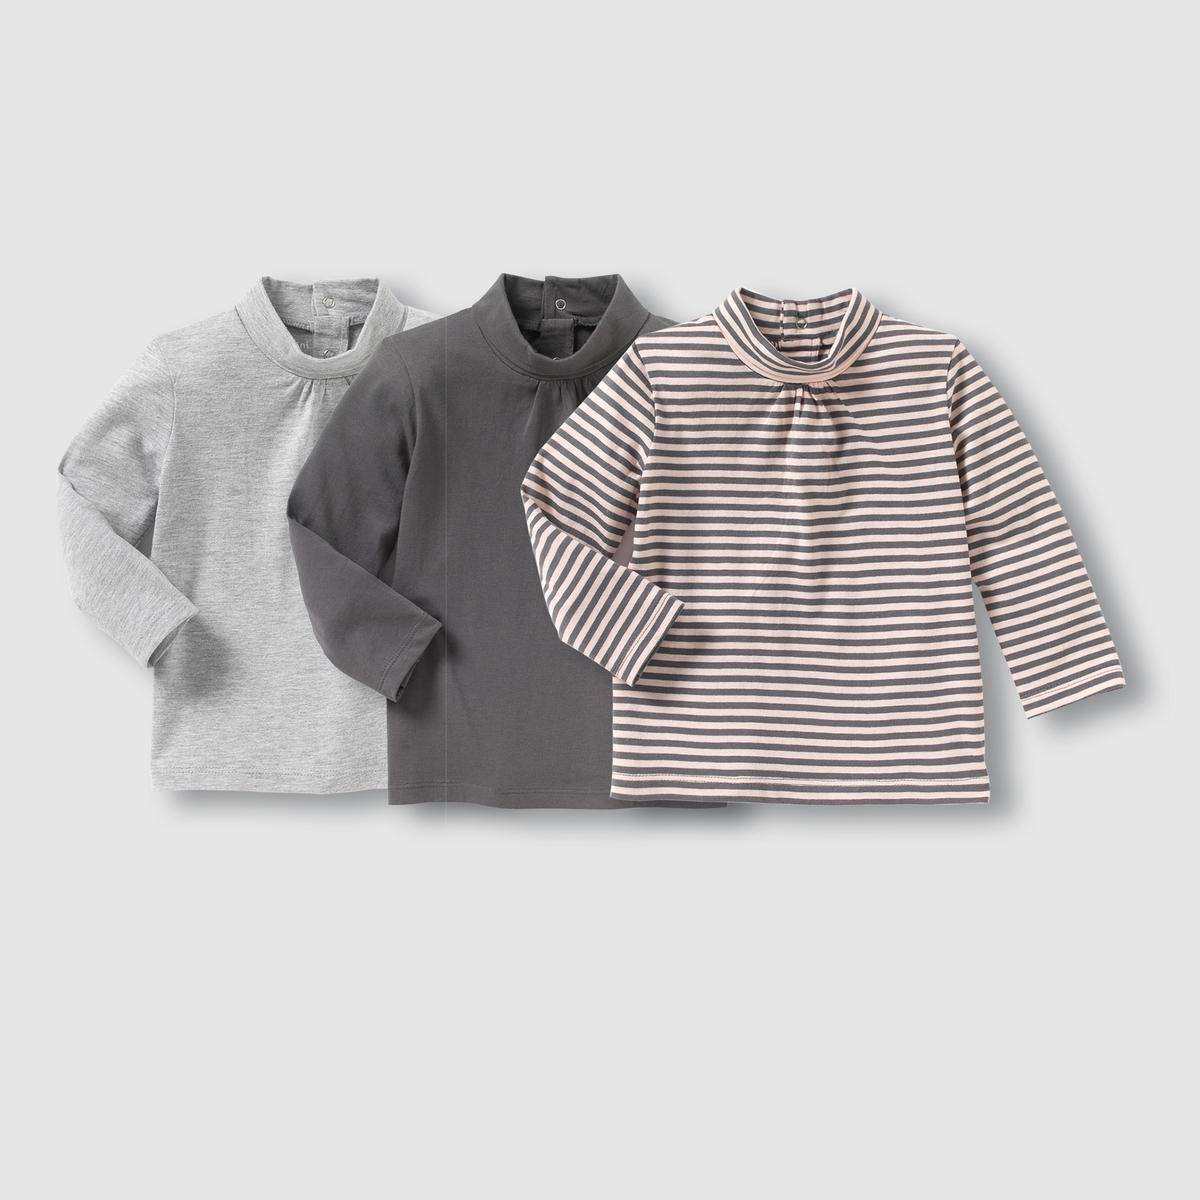 3 футболки с закатывающимся воротником 1 мес-3 лет